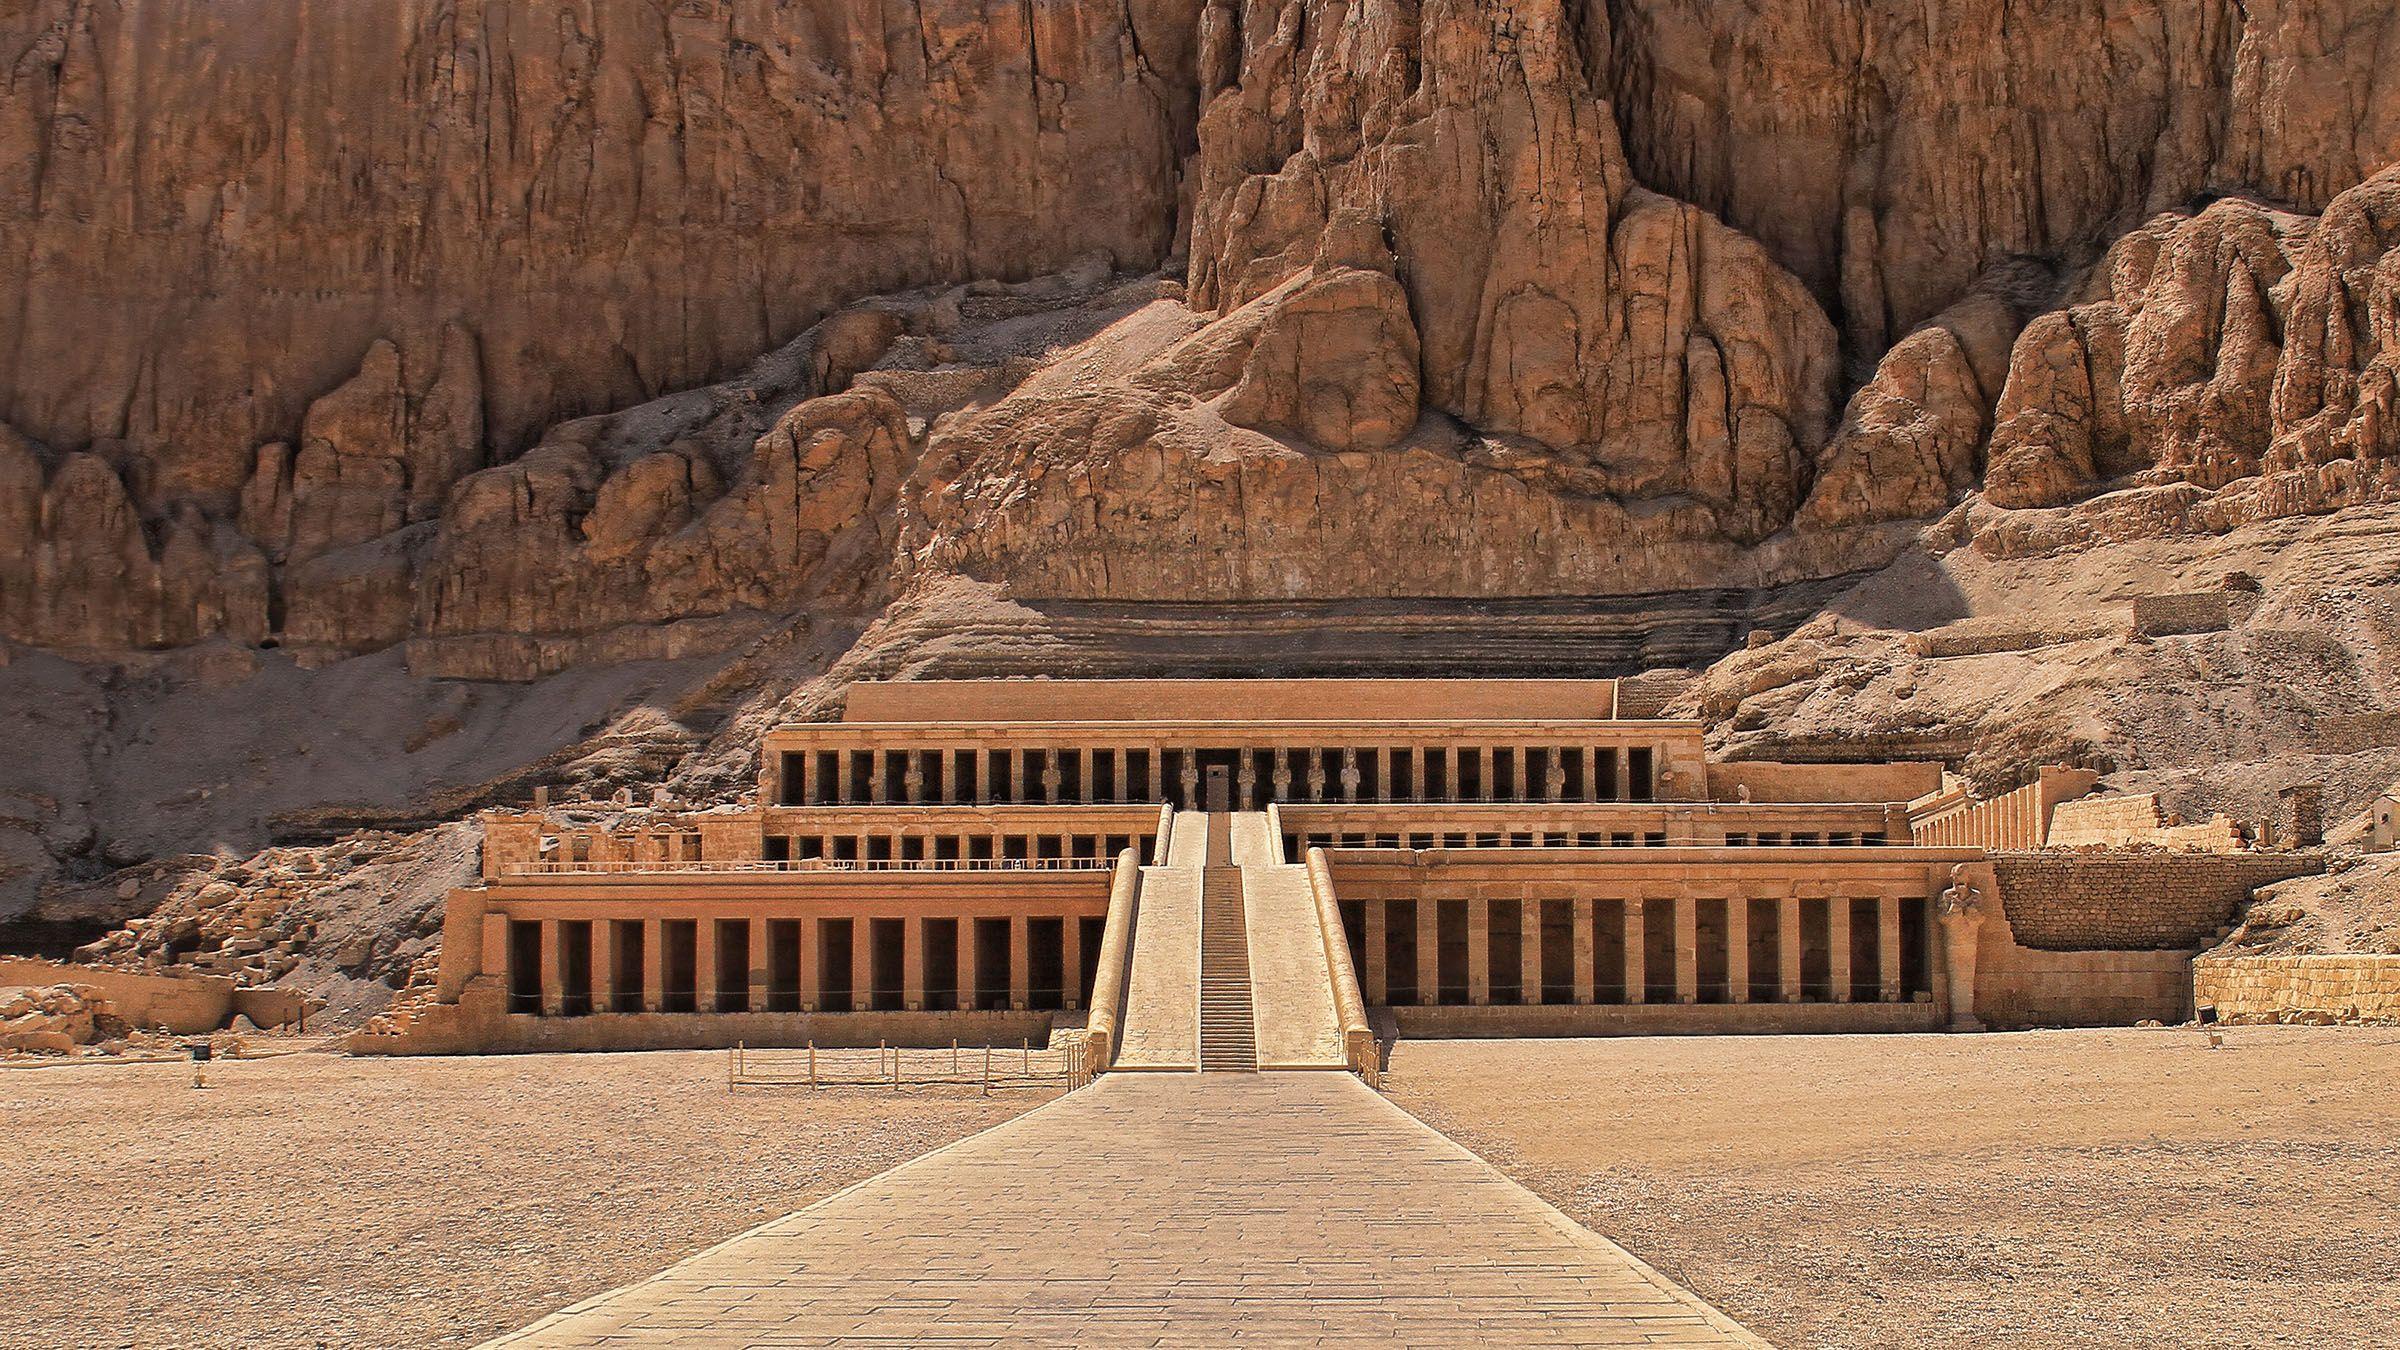 Templo de Hatshepsut, Deir el Bahari, Egipto | Egipto, Piramides de egipto,  Egipto antiguo